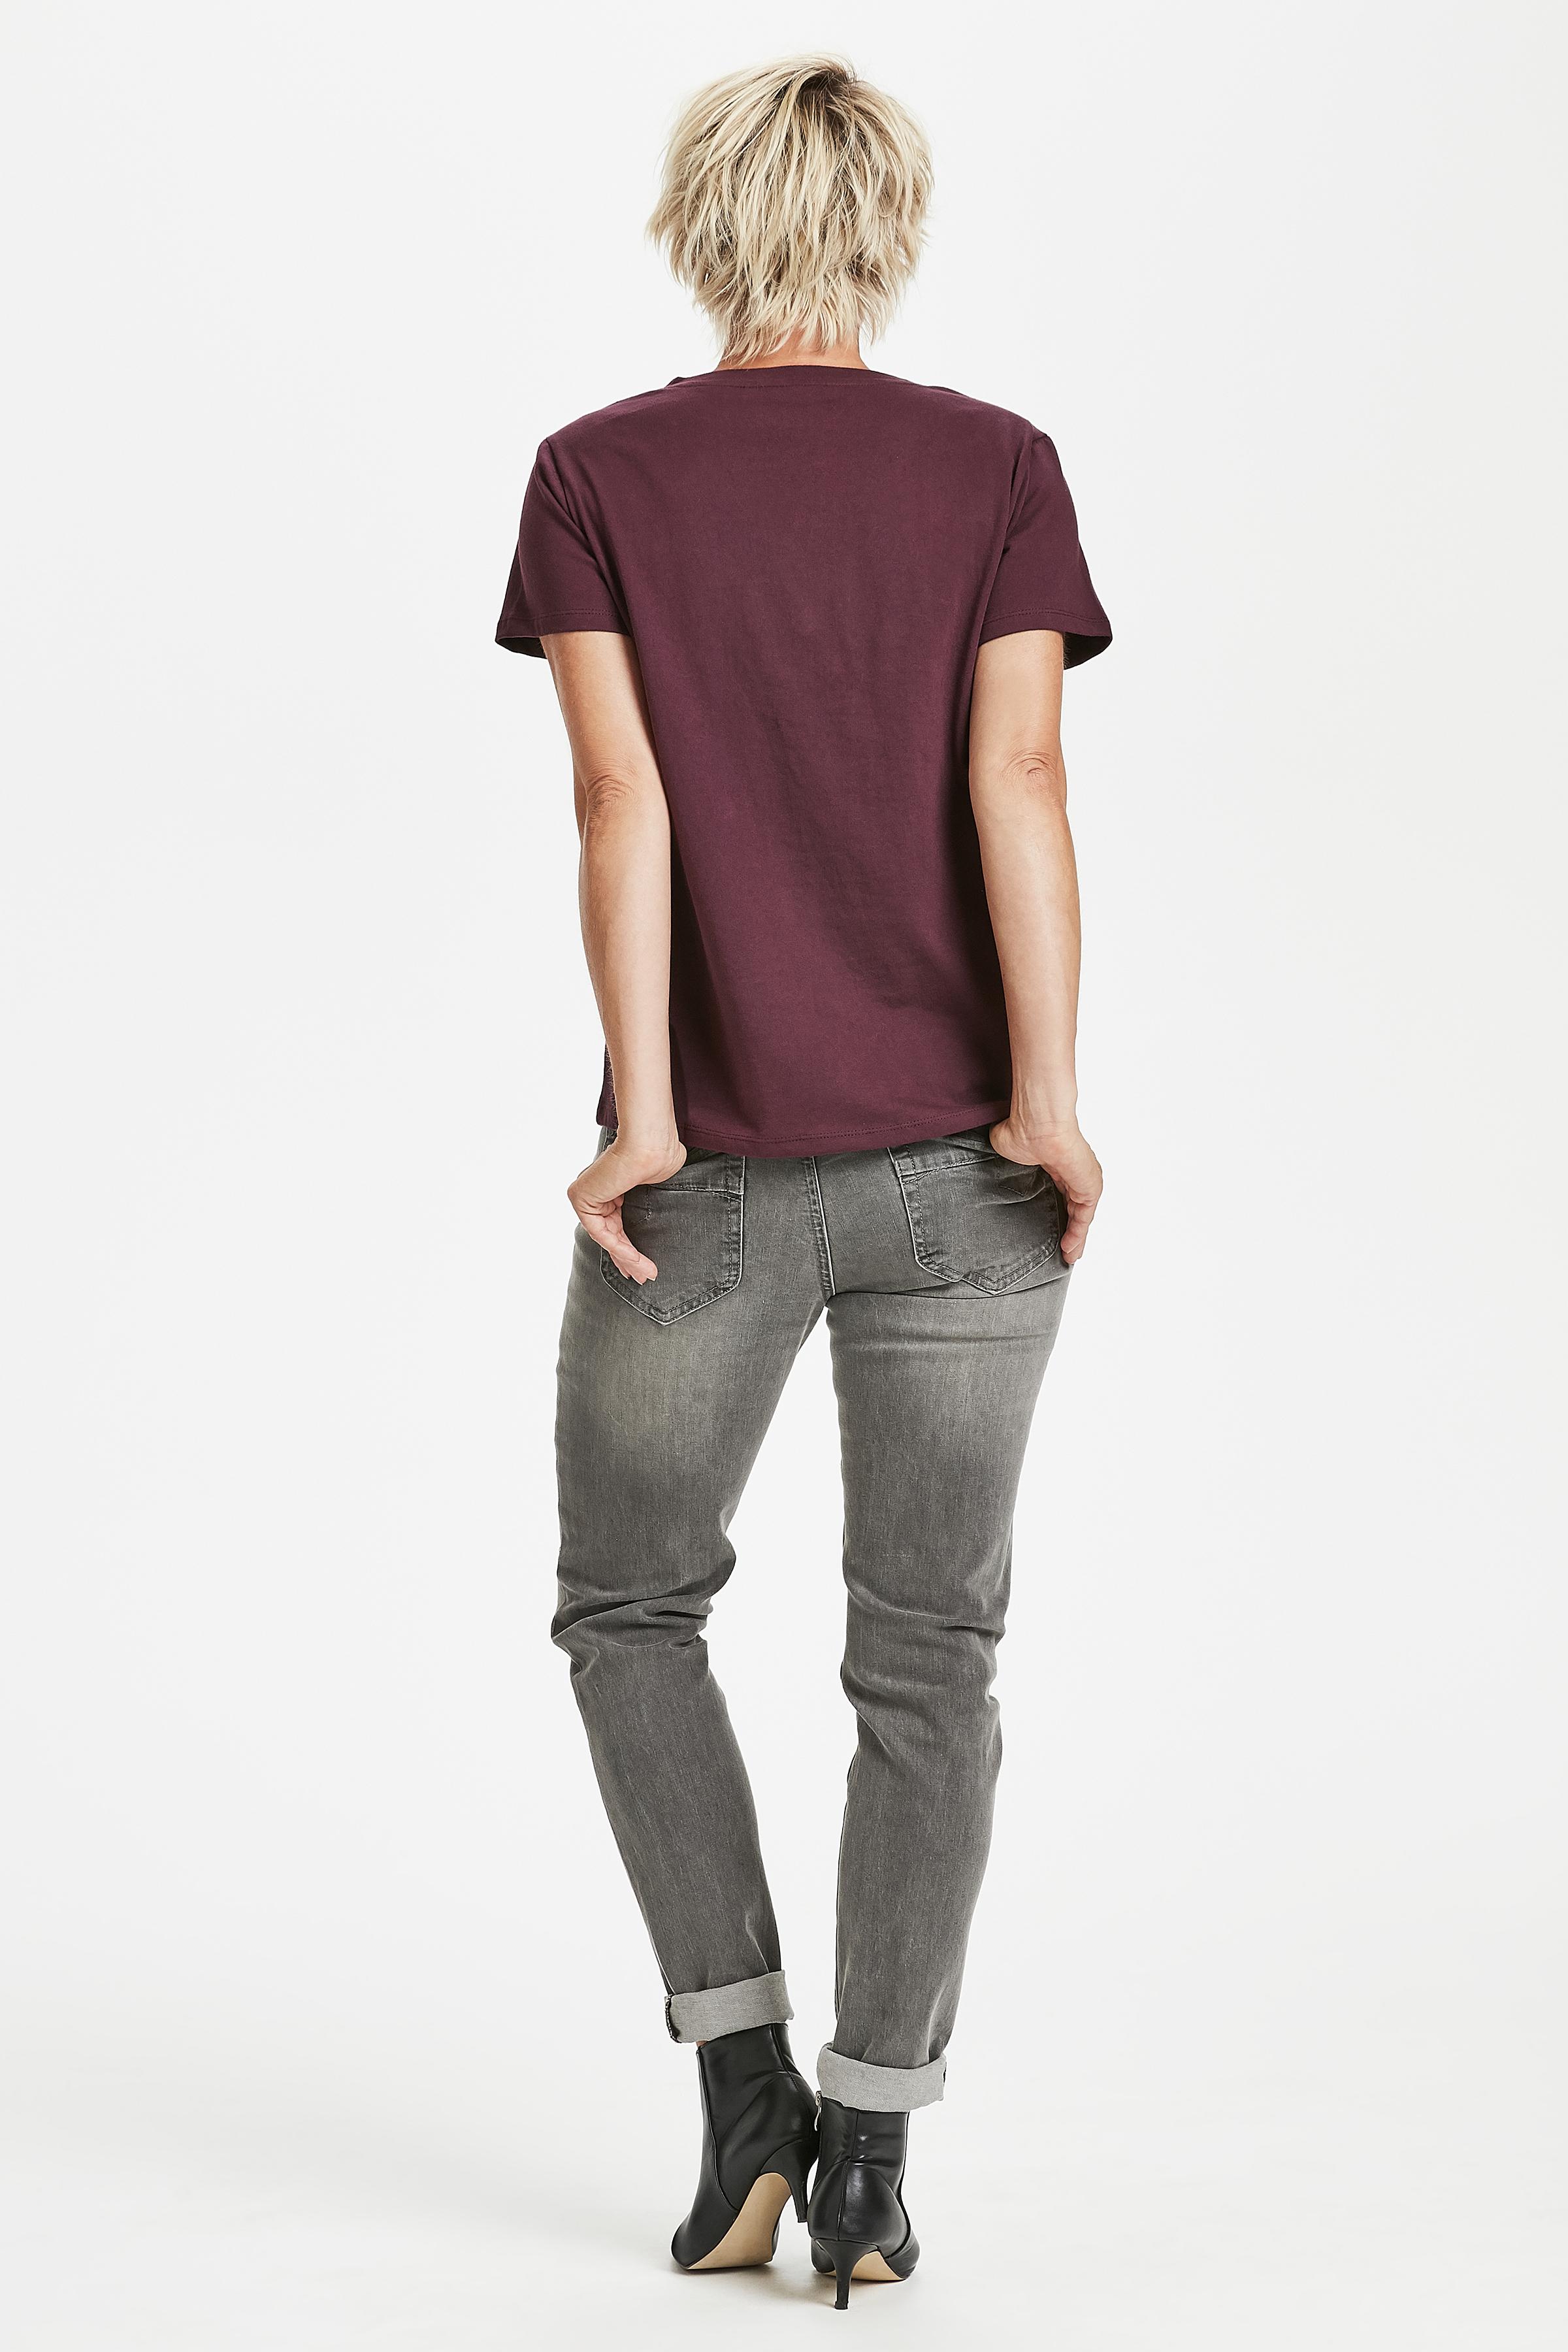 Bordeaux Kurzarm T-Shirt von Dranella – Shoppen Sie Bordeaux Kurzarm T-Shirt ab Gr. XS-XXL hier